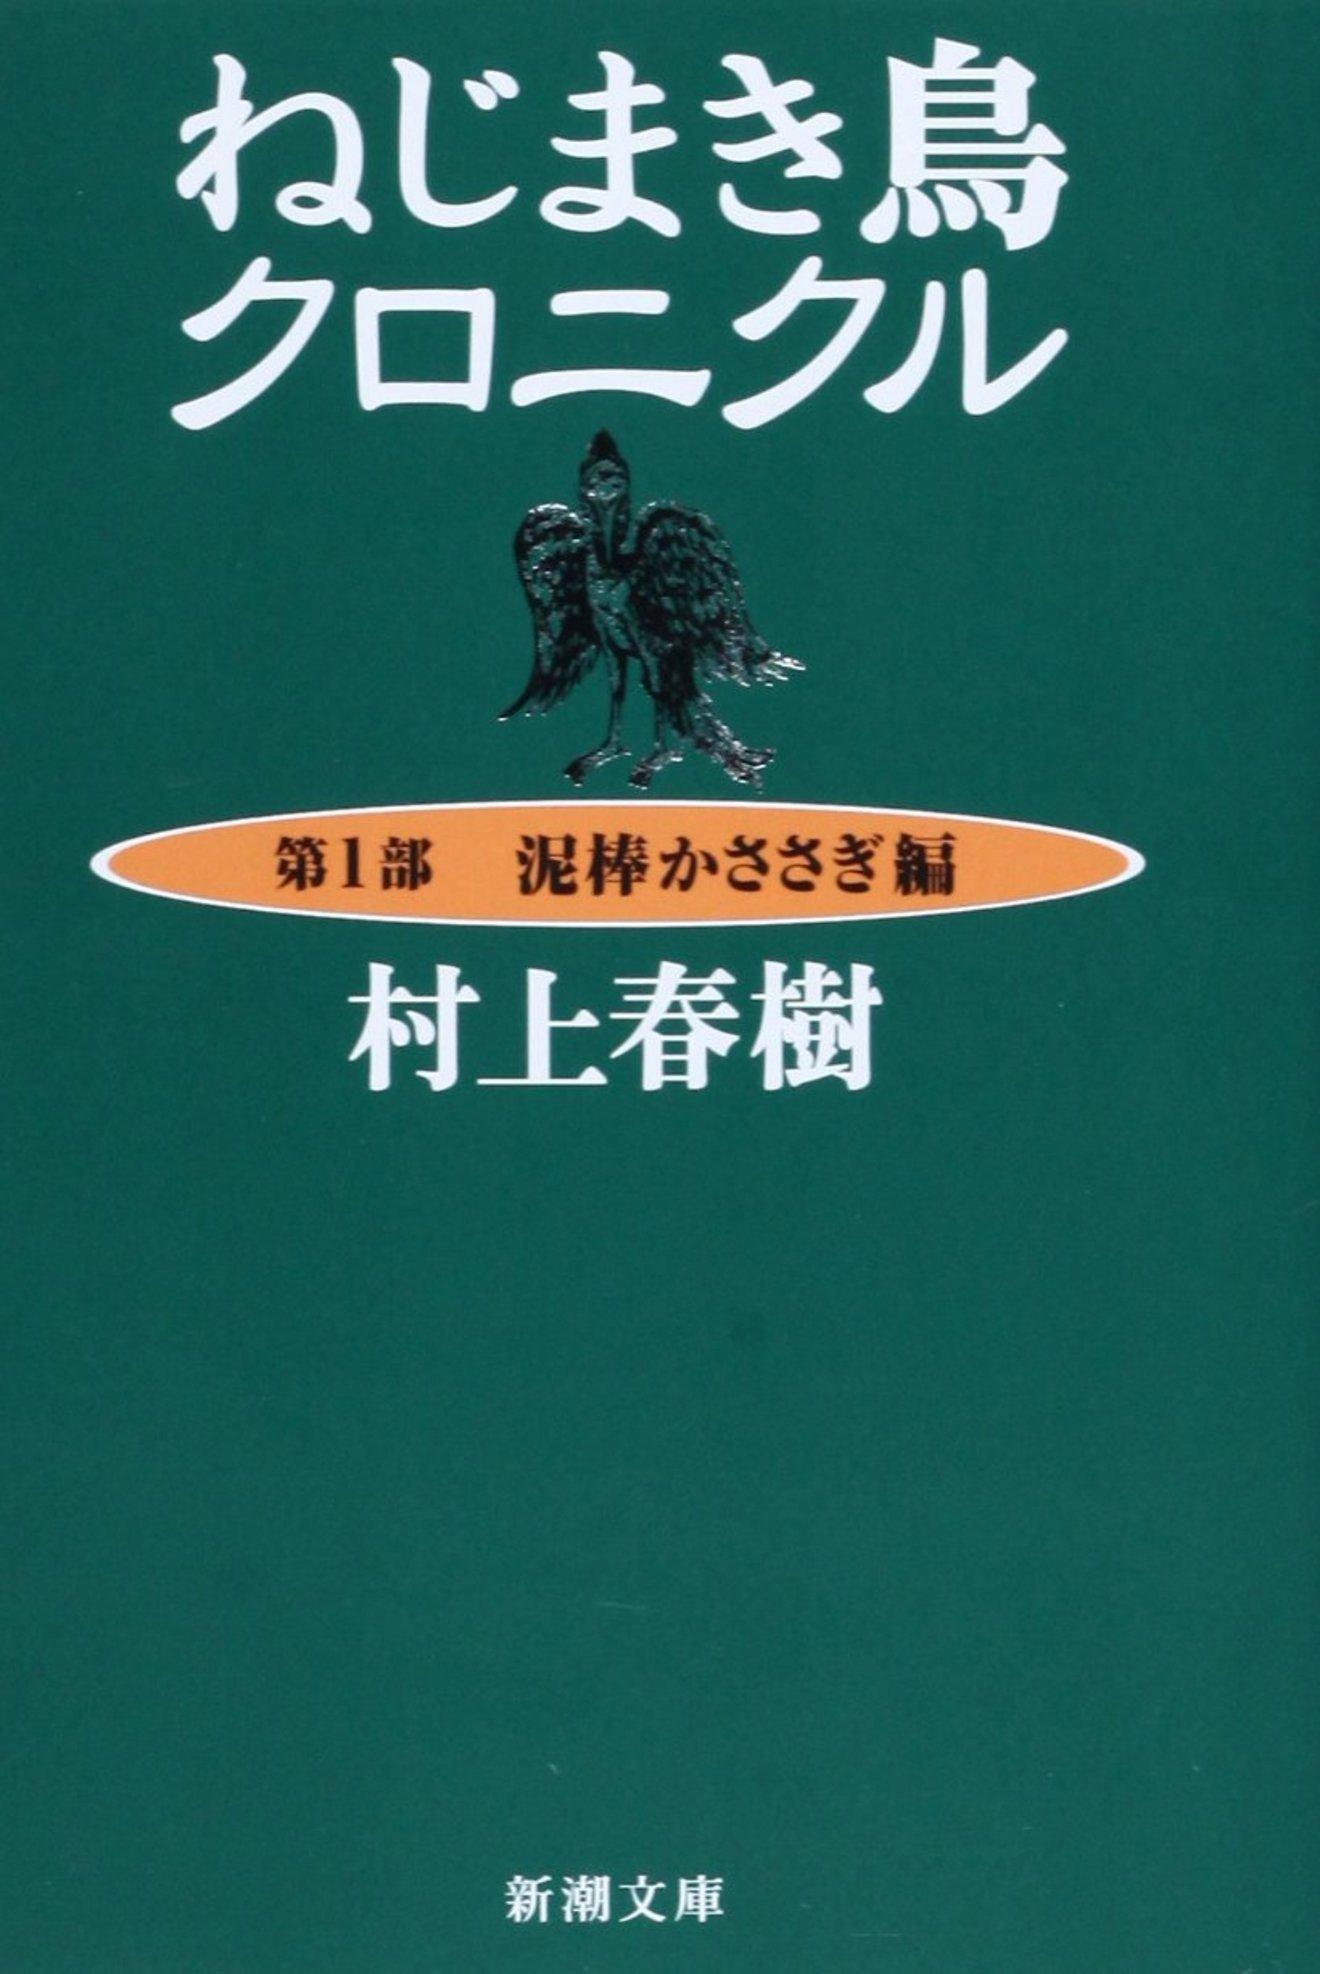 村上春樹『ねじまき鳥クロニクル』女と暴力と執着の3つのキーワードで解説!